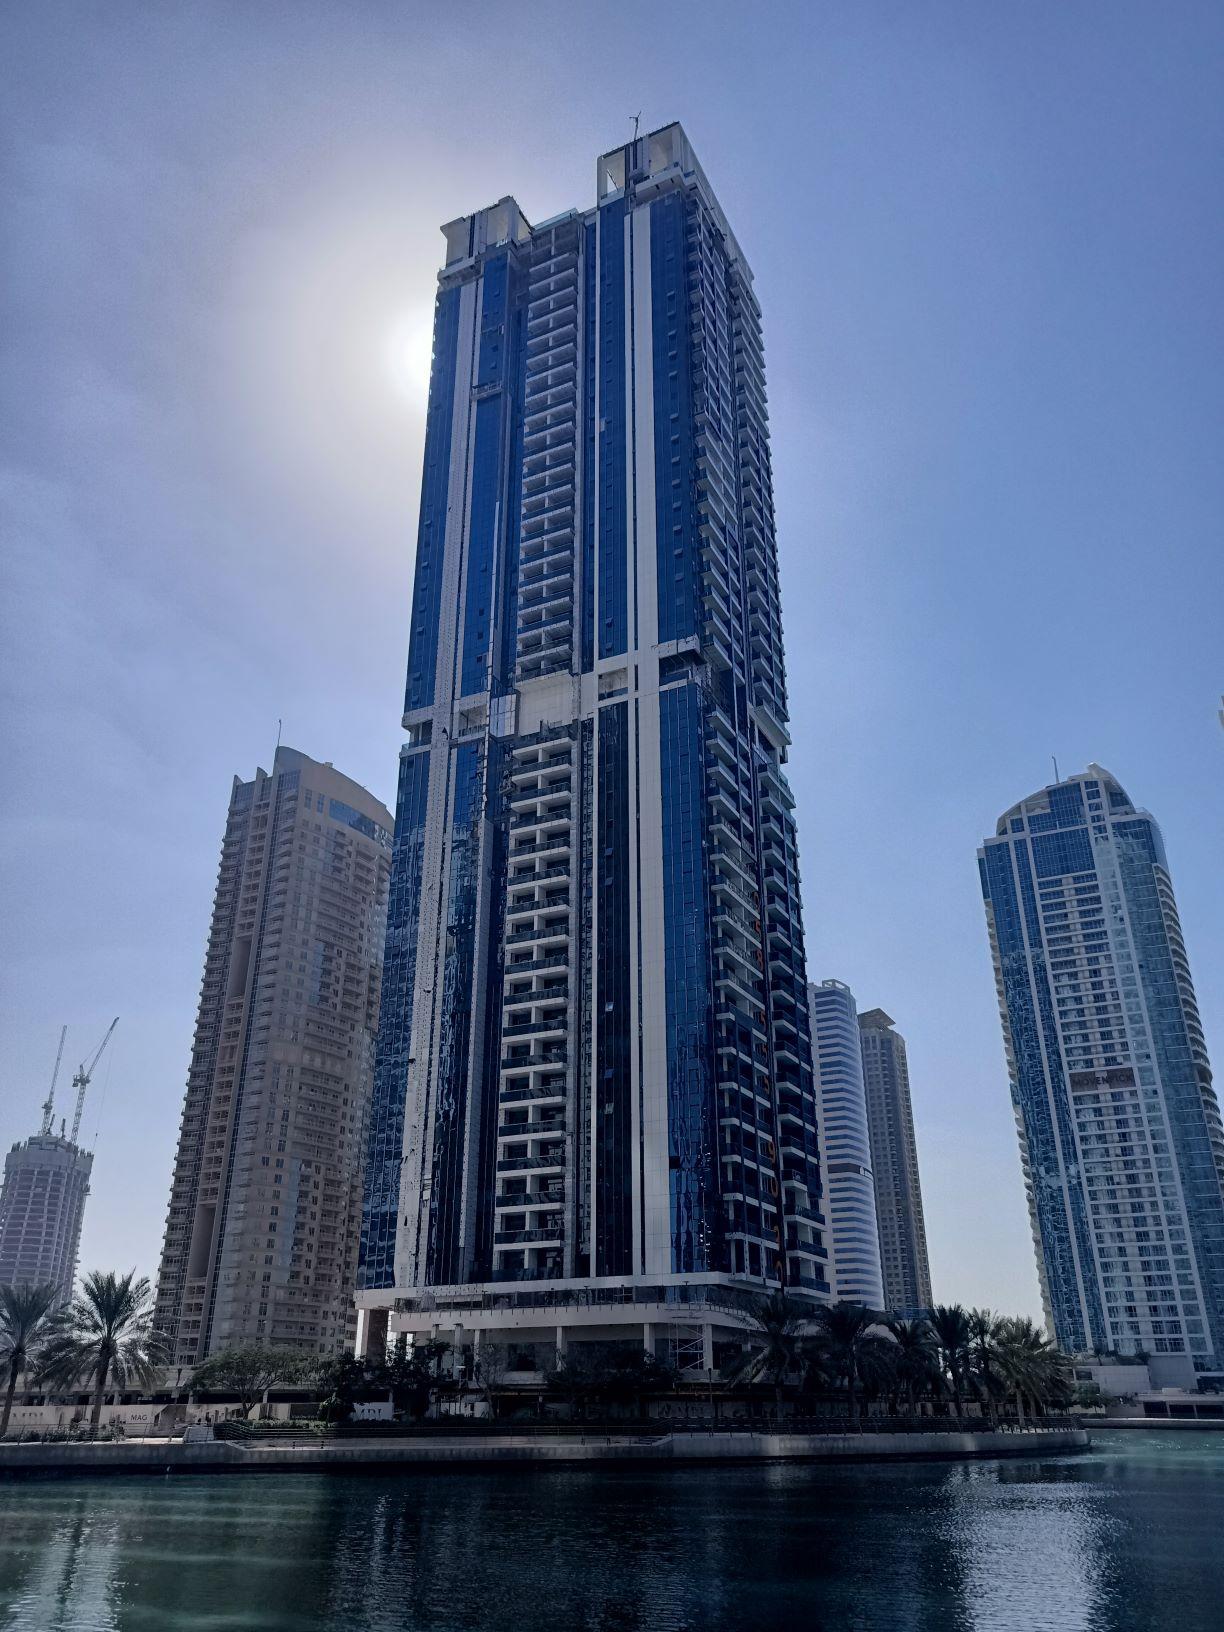 Mixed Use Building At Jumeirah Lake Towers, Dubai, Uae